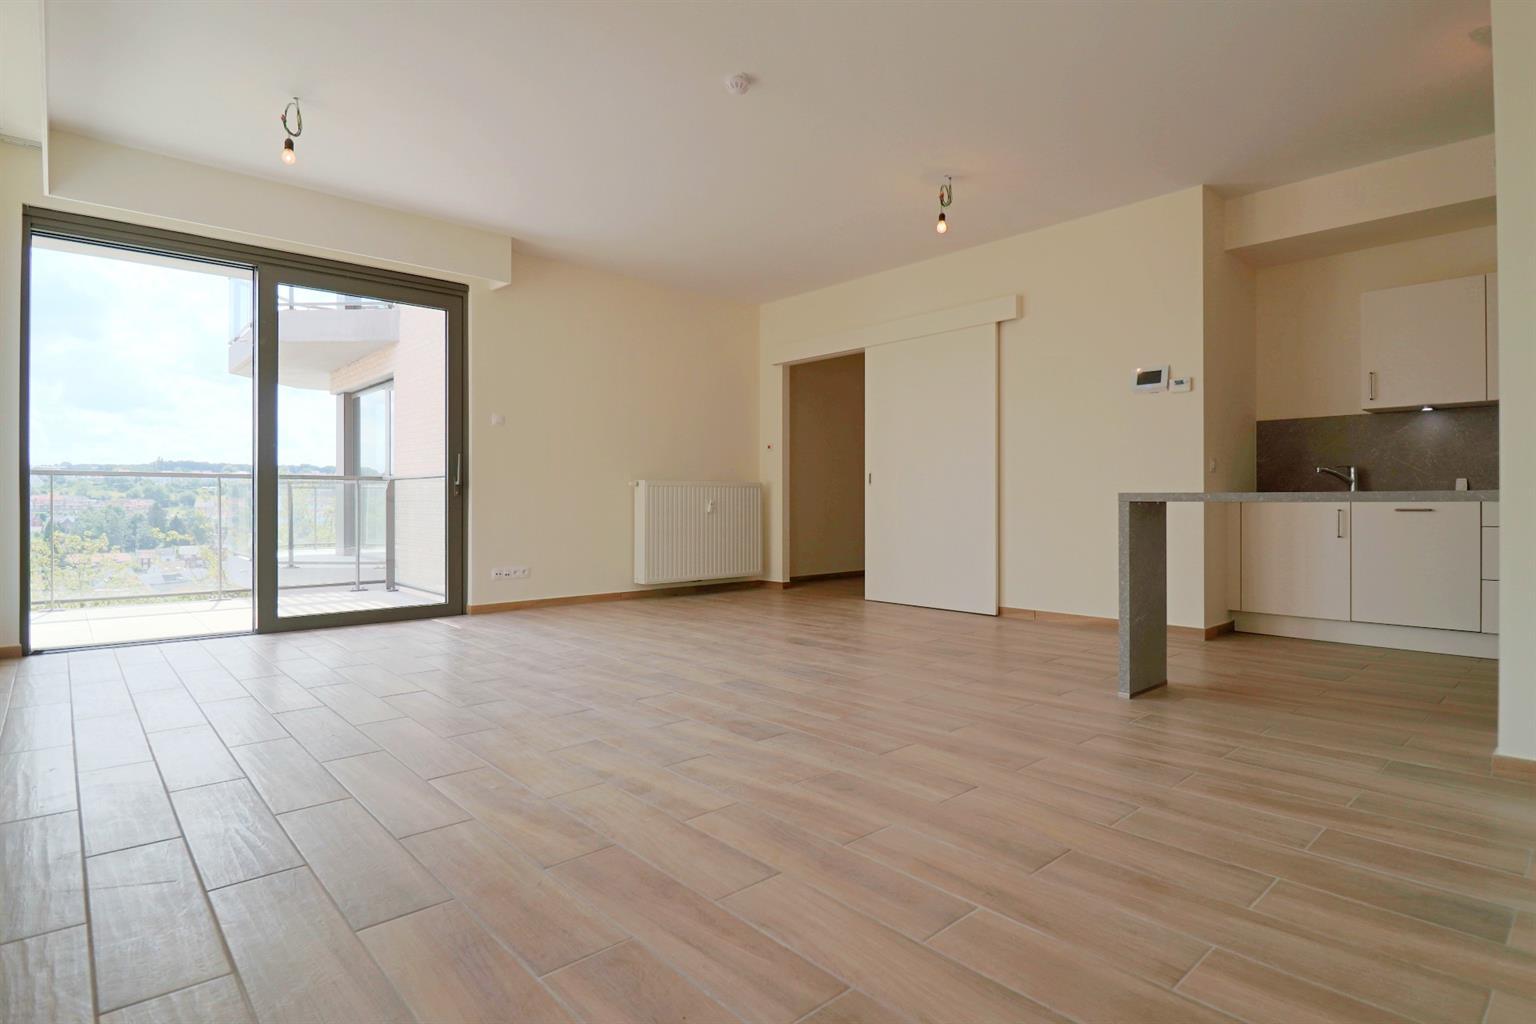 Appartement - Ottignies-Louvain-la-Neuve - #4406866-1